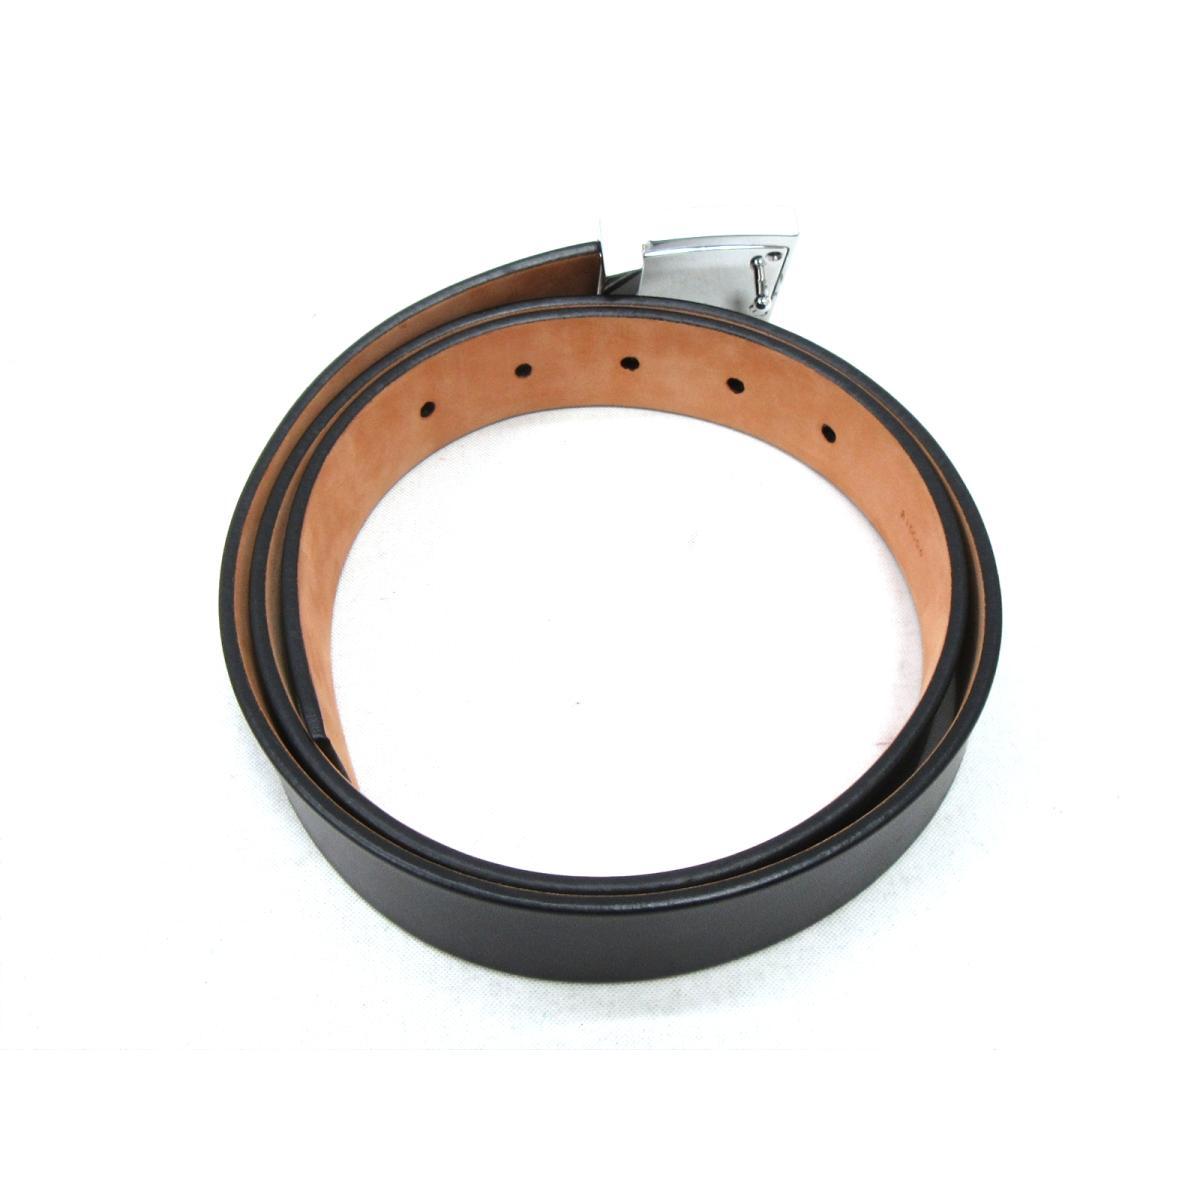 88fc8a20c8a BRANDOFF  Auth LOUIS VUITTON belt leather Black Used Vintage ...